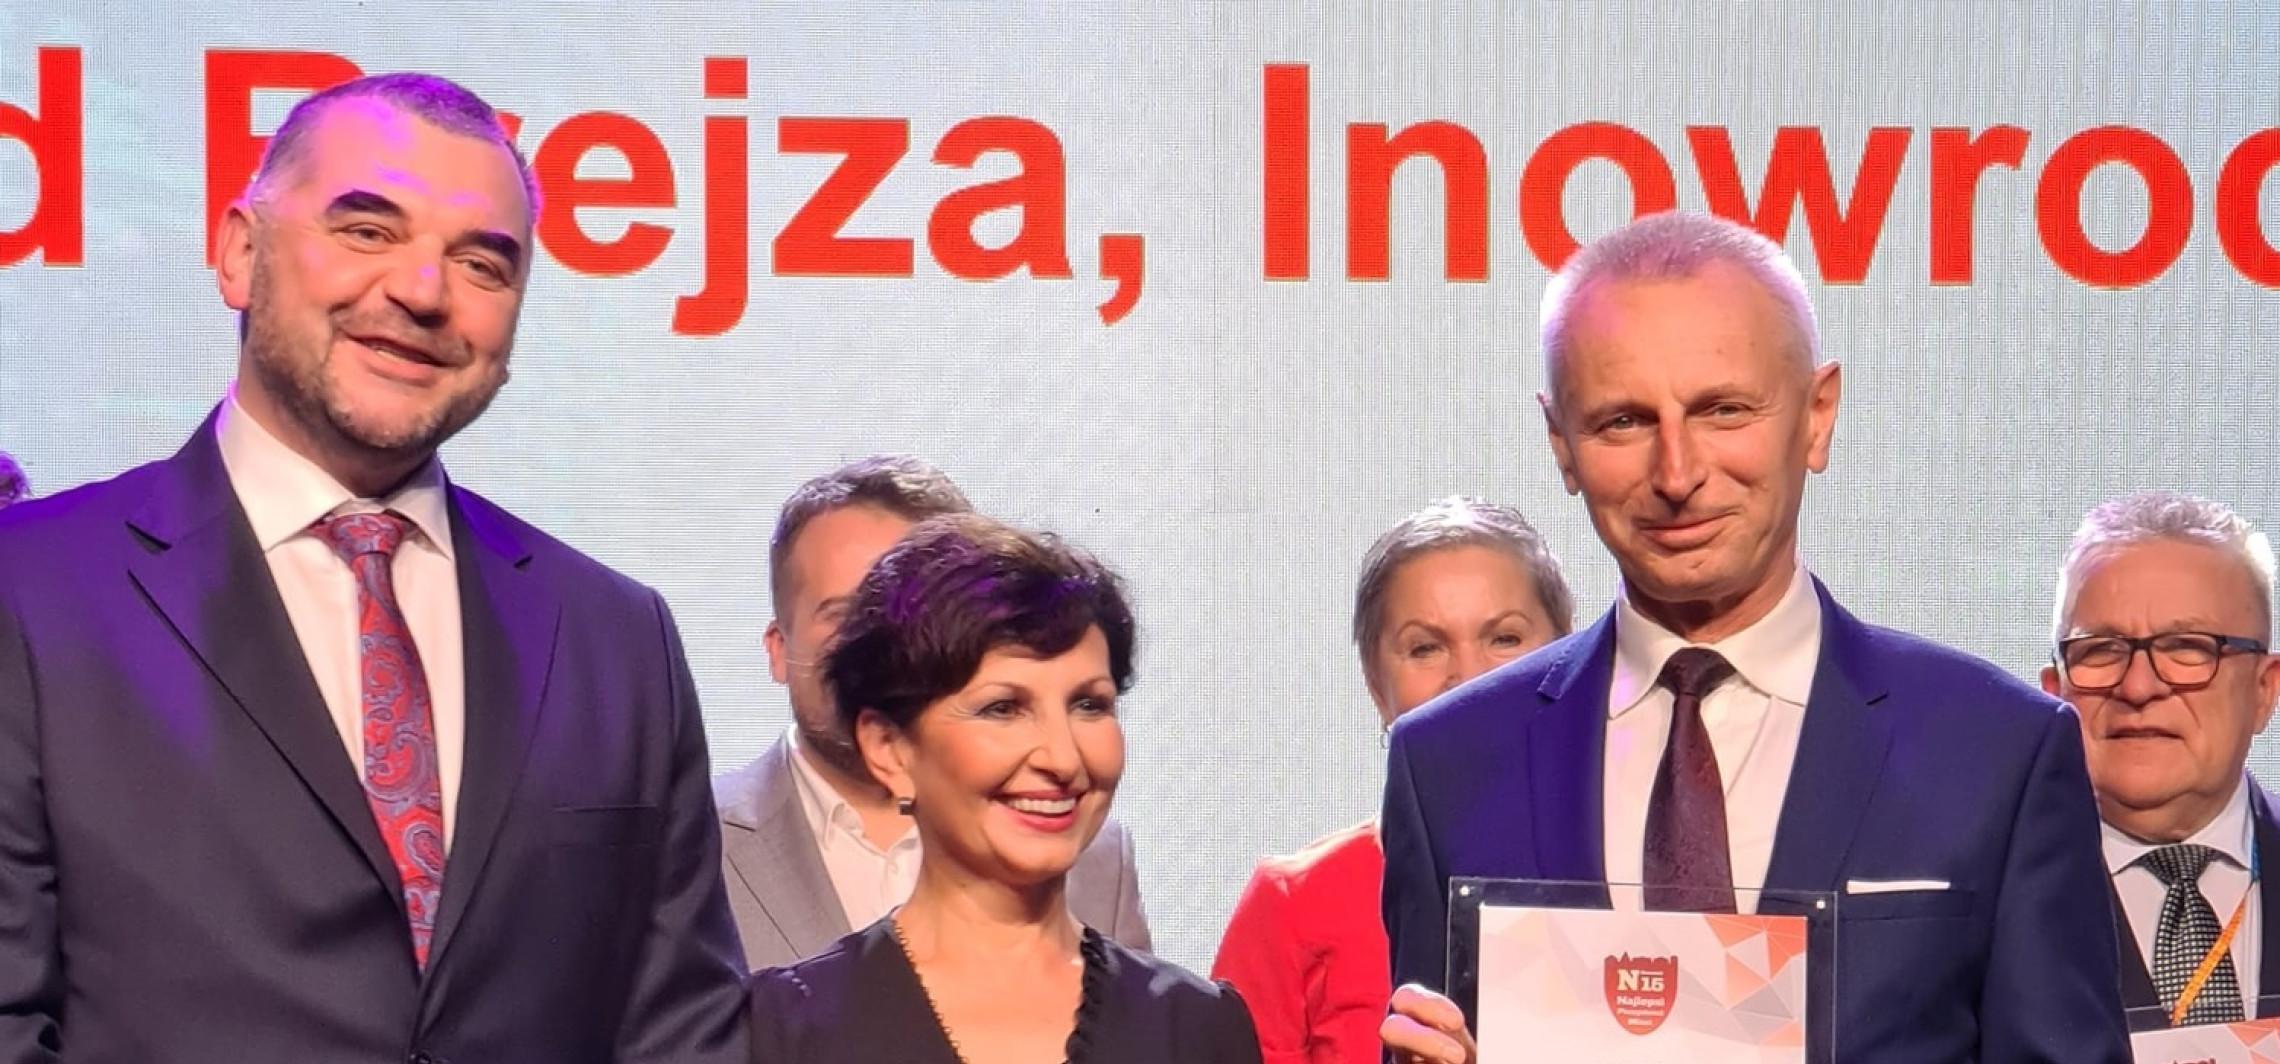 Inowrocław - Newsweek: Ryszard Brejza na podium plebiscytu